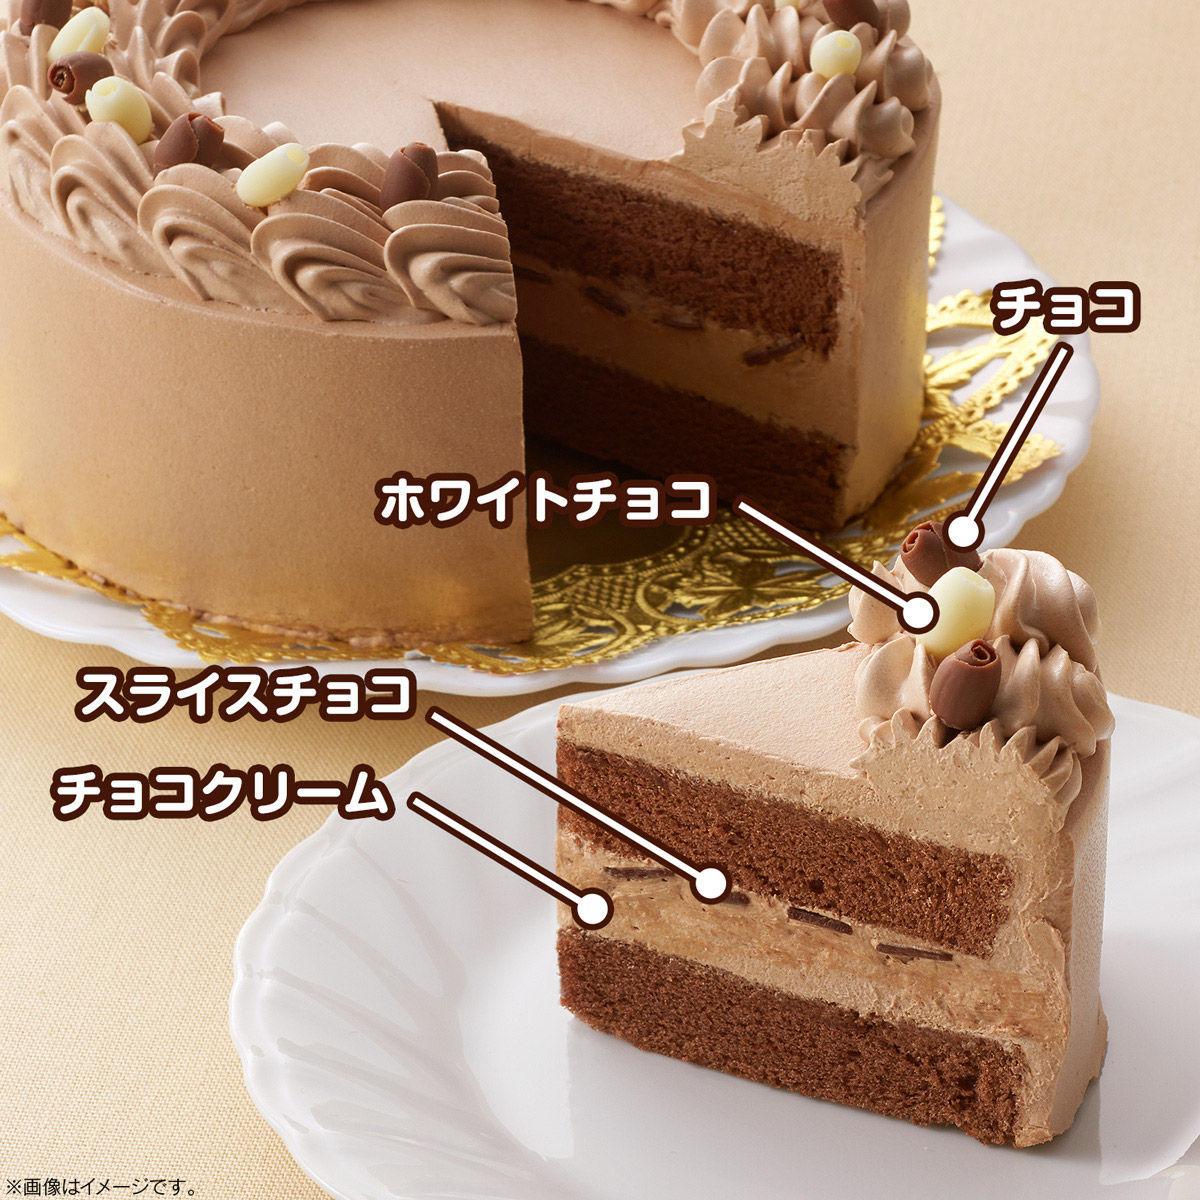 キャラデコお祝いケーキ 魔進戦隊キラメイジャー(チョコクリーム)[5号サイズ]_6